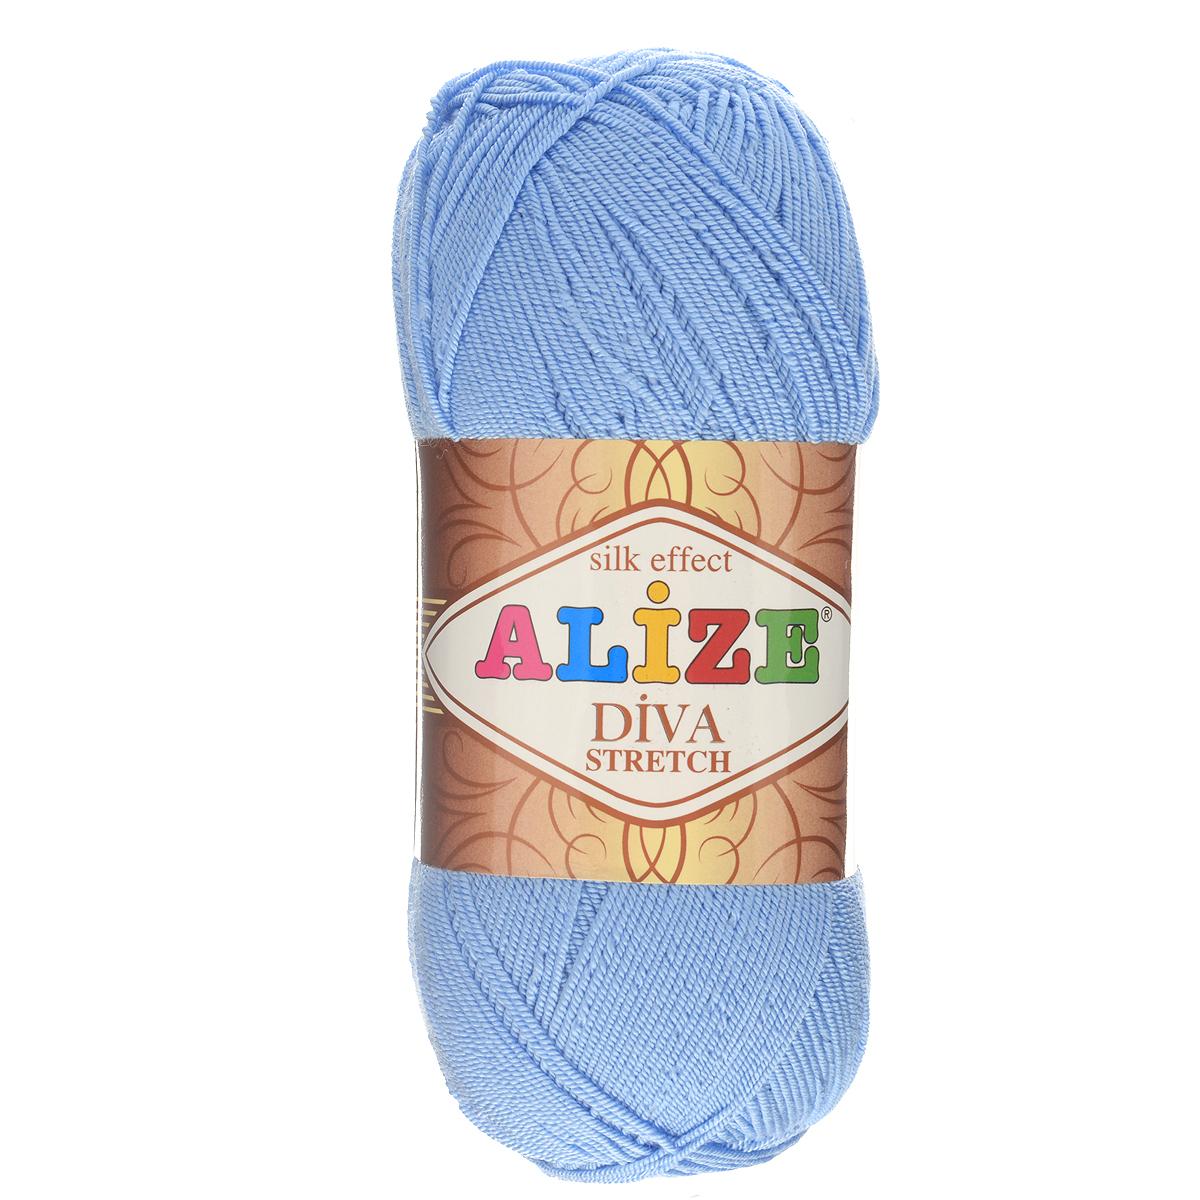 Пряжа для вязания Alize Diva Stretch, цвет: голубой (350), 400 м, 100 г, 5 шт367021_350Легкая пряжа Alize Diva Stretch из микрофибры с добавлением ПБТ эластика. Пряжа не выгорает на солнце и не линяет. Готовые изделия из этой пряжи быстро сохнут, после намокания практически не деформируются. Эластичная пряжа Diva Stretch обладает поистине уникальными характеристиками. Она мягкая, тонкая и в то же время прочная, она легко ложится в приятное на ощупь, упругое, тянущееся, но сохраняющее свою форму полотно и отлично смотрится в узорах. Изделия, связанные из этой пряжи, прекрасно держат форму и не растягиваются. Пряжа стрейч. Готовое изделие из пряжи Alize Diva Stretch после первой стирки слегка садится. Поэтому, перед тем, как начать работать с этой нитью, рекомендуется связать образец, постирать и высушить его, выяснить степень усадки и только потом, с учетом этих данных, делать расчет петель. Рекомендованные спицы № 2-3,5, крючок № 1-3. Состав: 92% микрофибра (акрил), 8% ПБТ эластик.